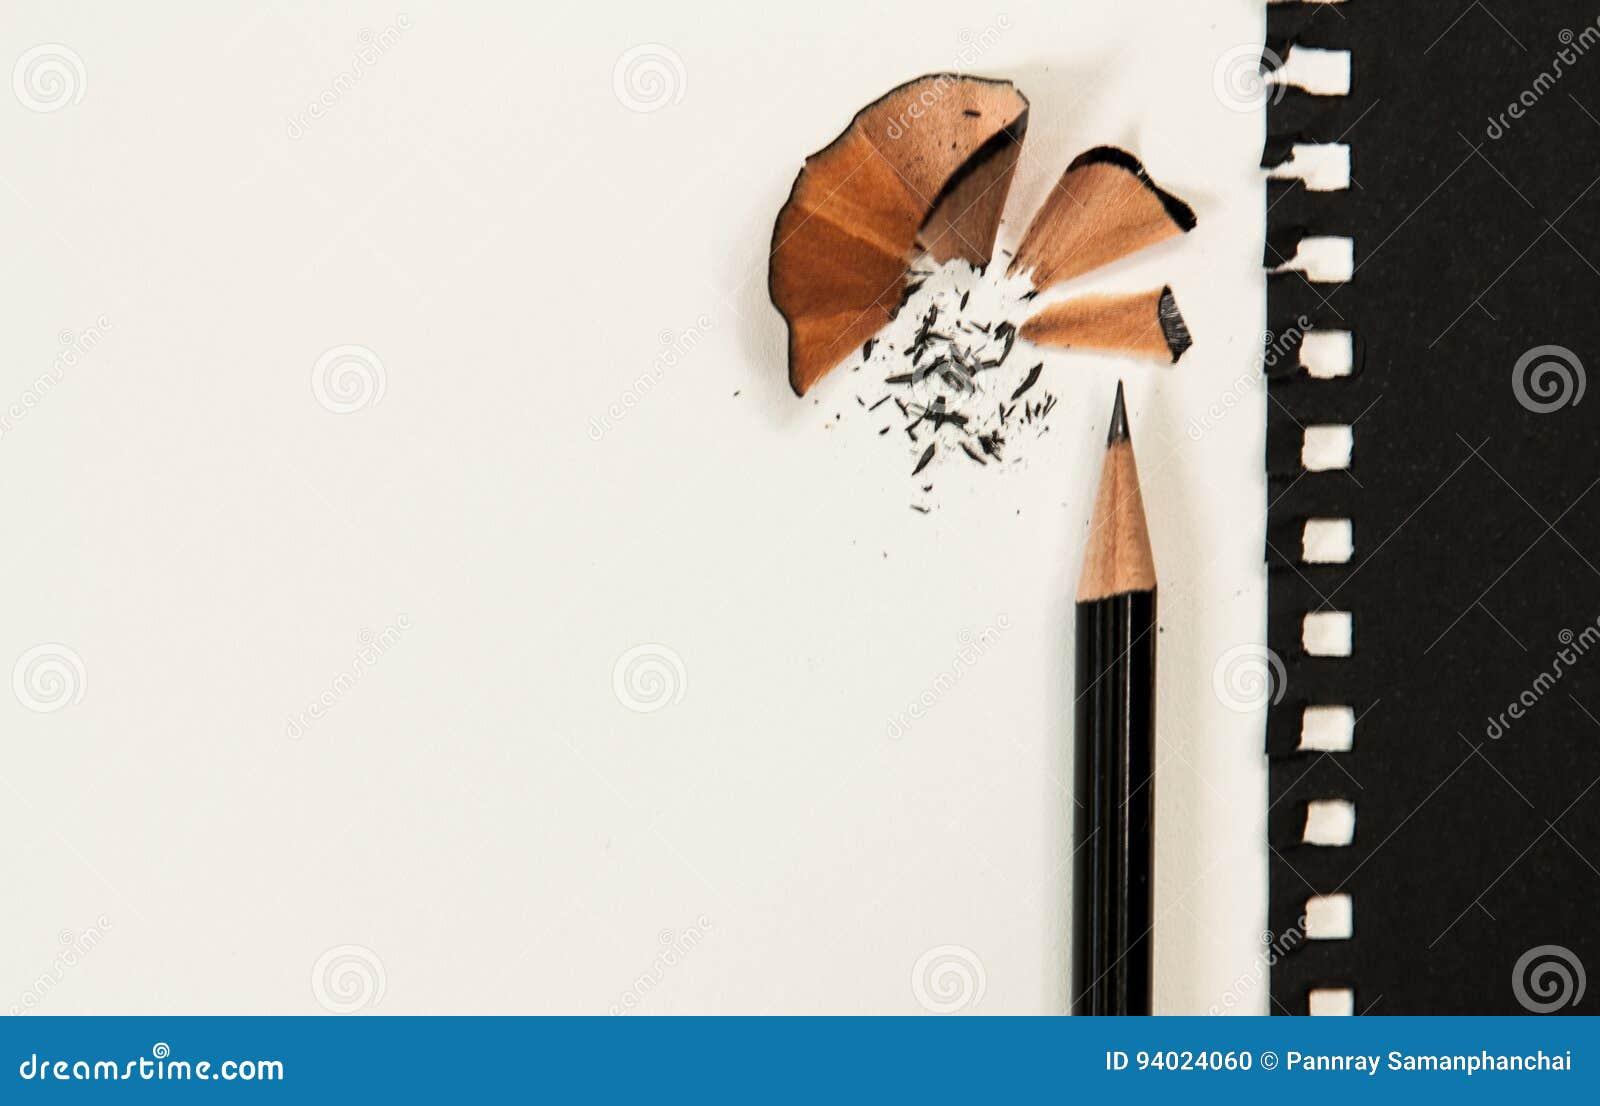 Affili la matita sullo scrittorio bianco Oltre alla carta nera